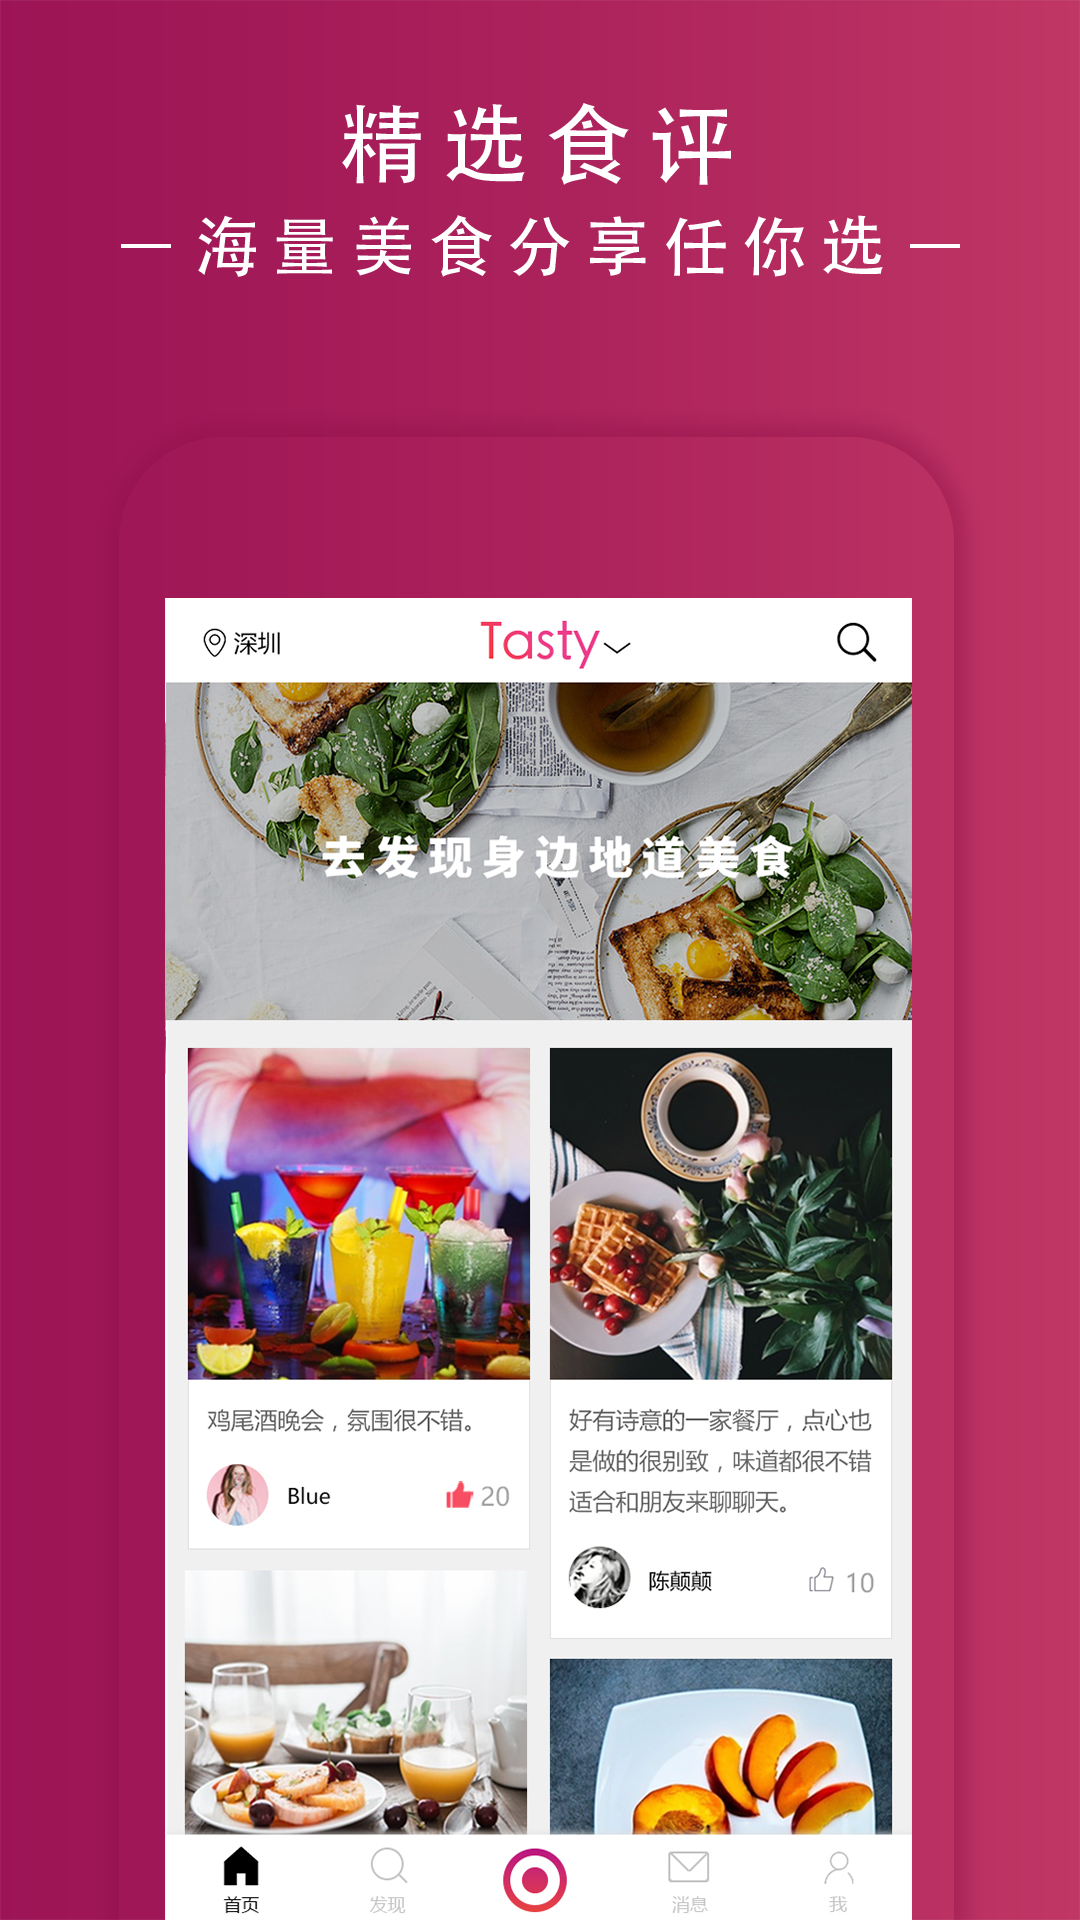 Tasty-应用截图